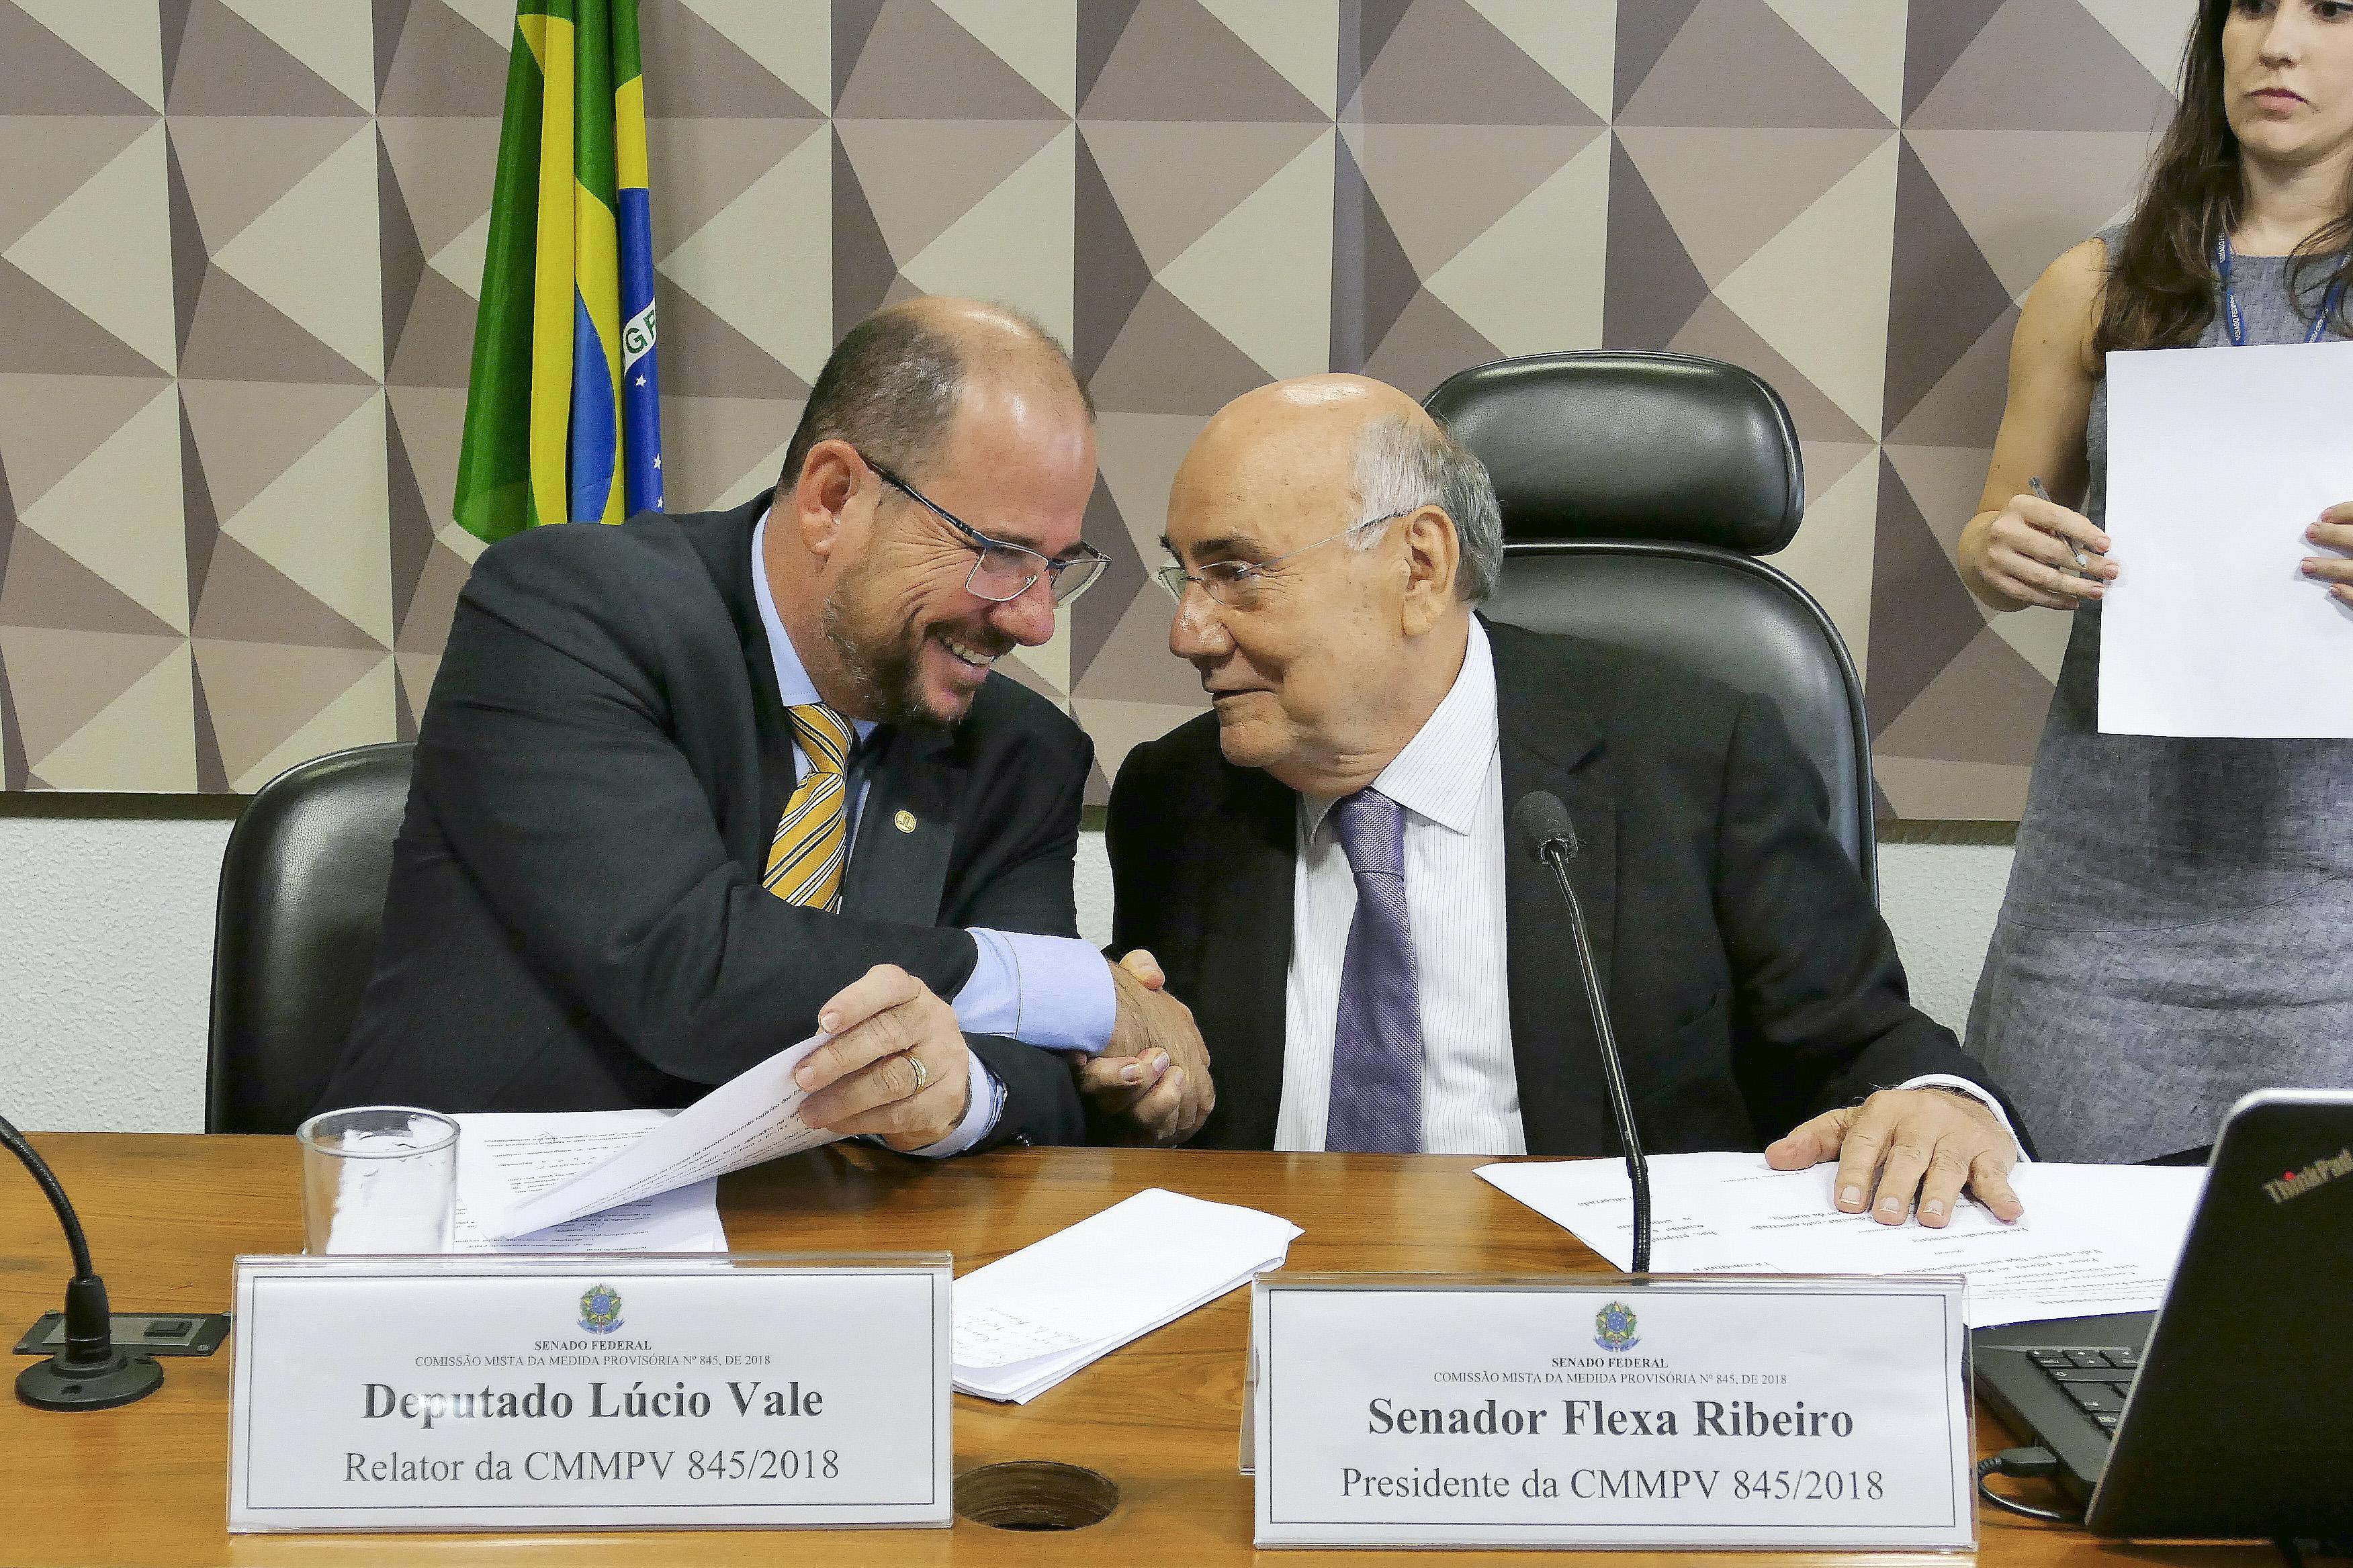 Comissão Mista da Medida Provisória 845/18, que institui o Fundo Nacional de Desenvolvimento Ferroviário. Relator da MP, deputado Lúcio Vale; e presidente da comissão, senador Flexa Ribeiro.